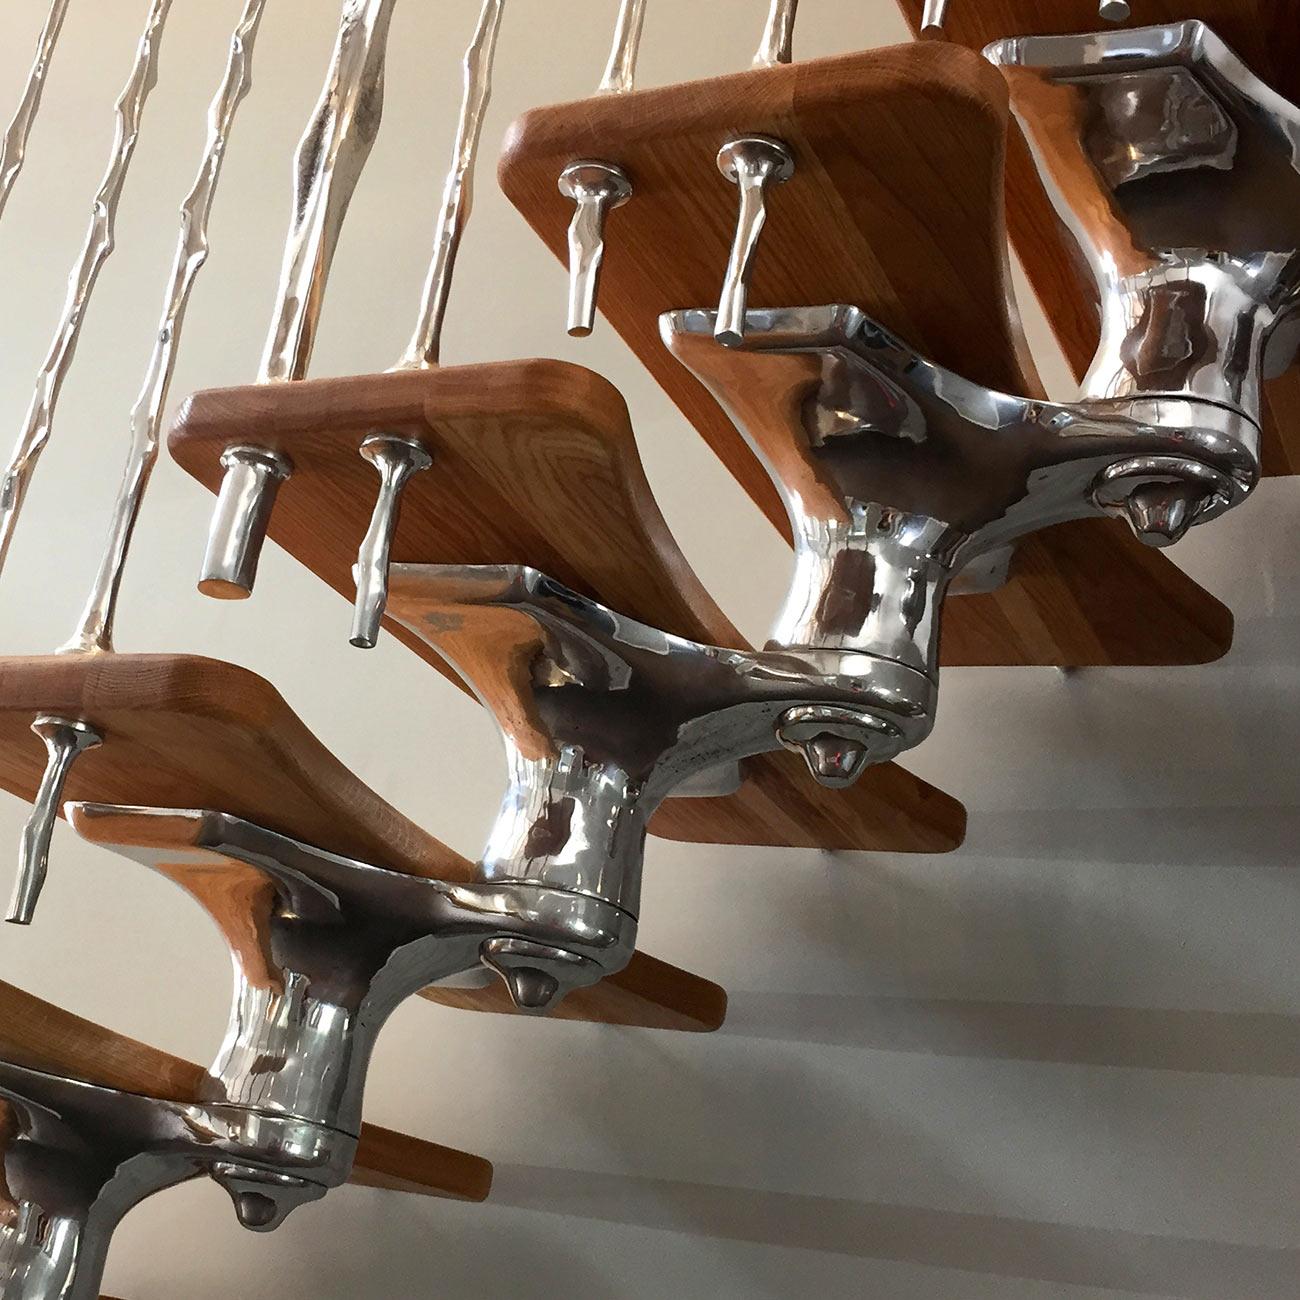 Milton Keynes: Spine Staircase